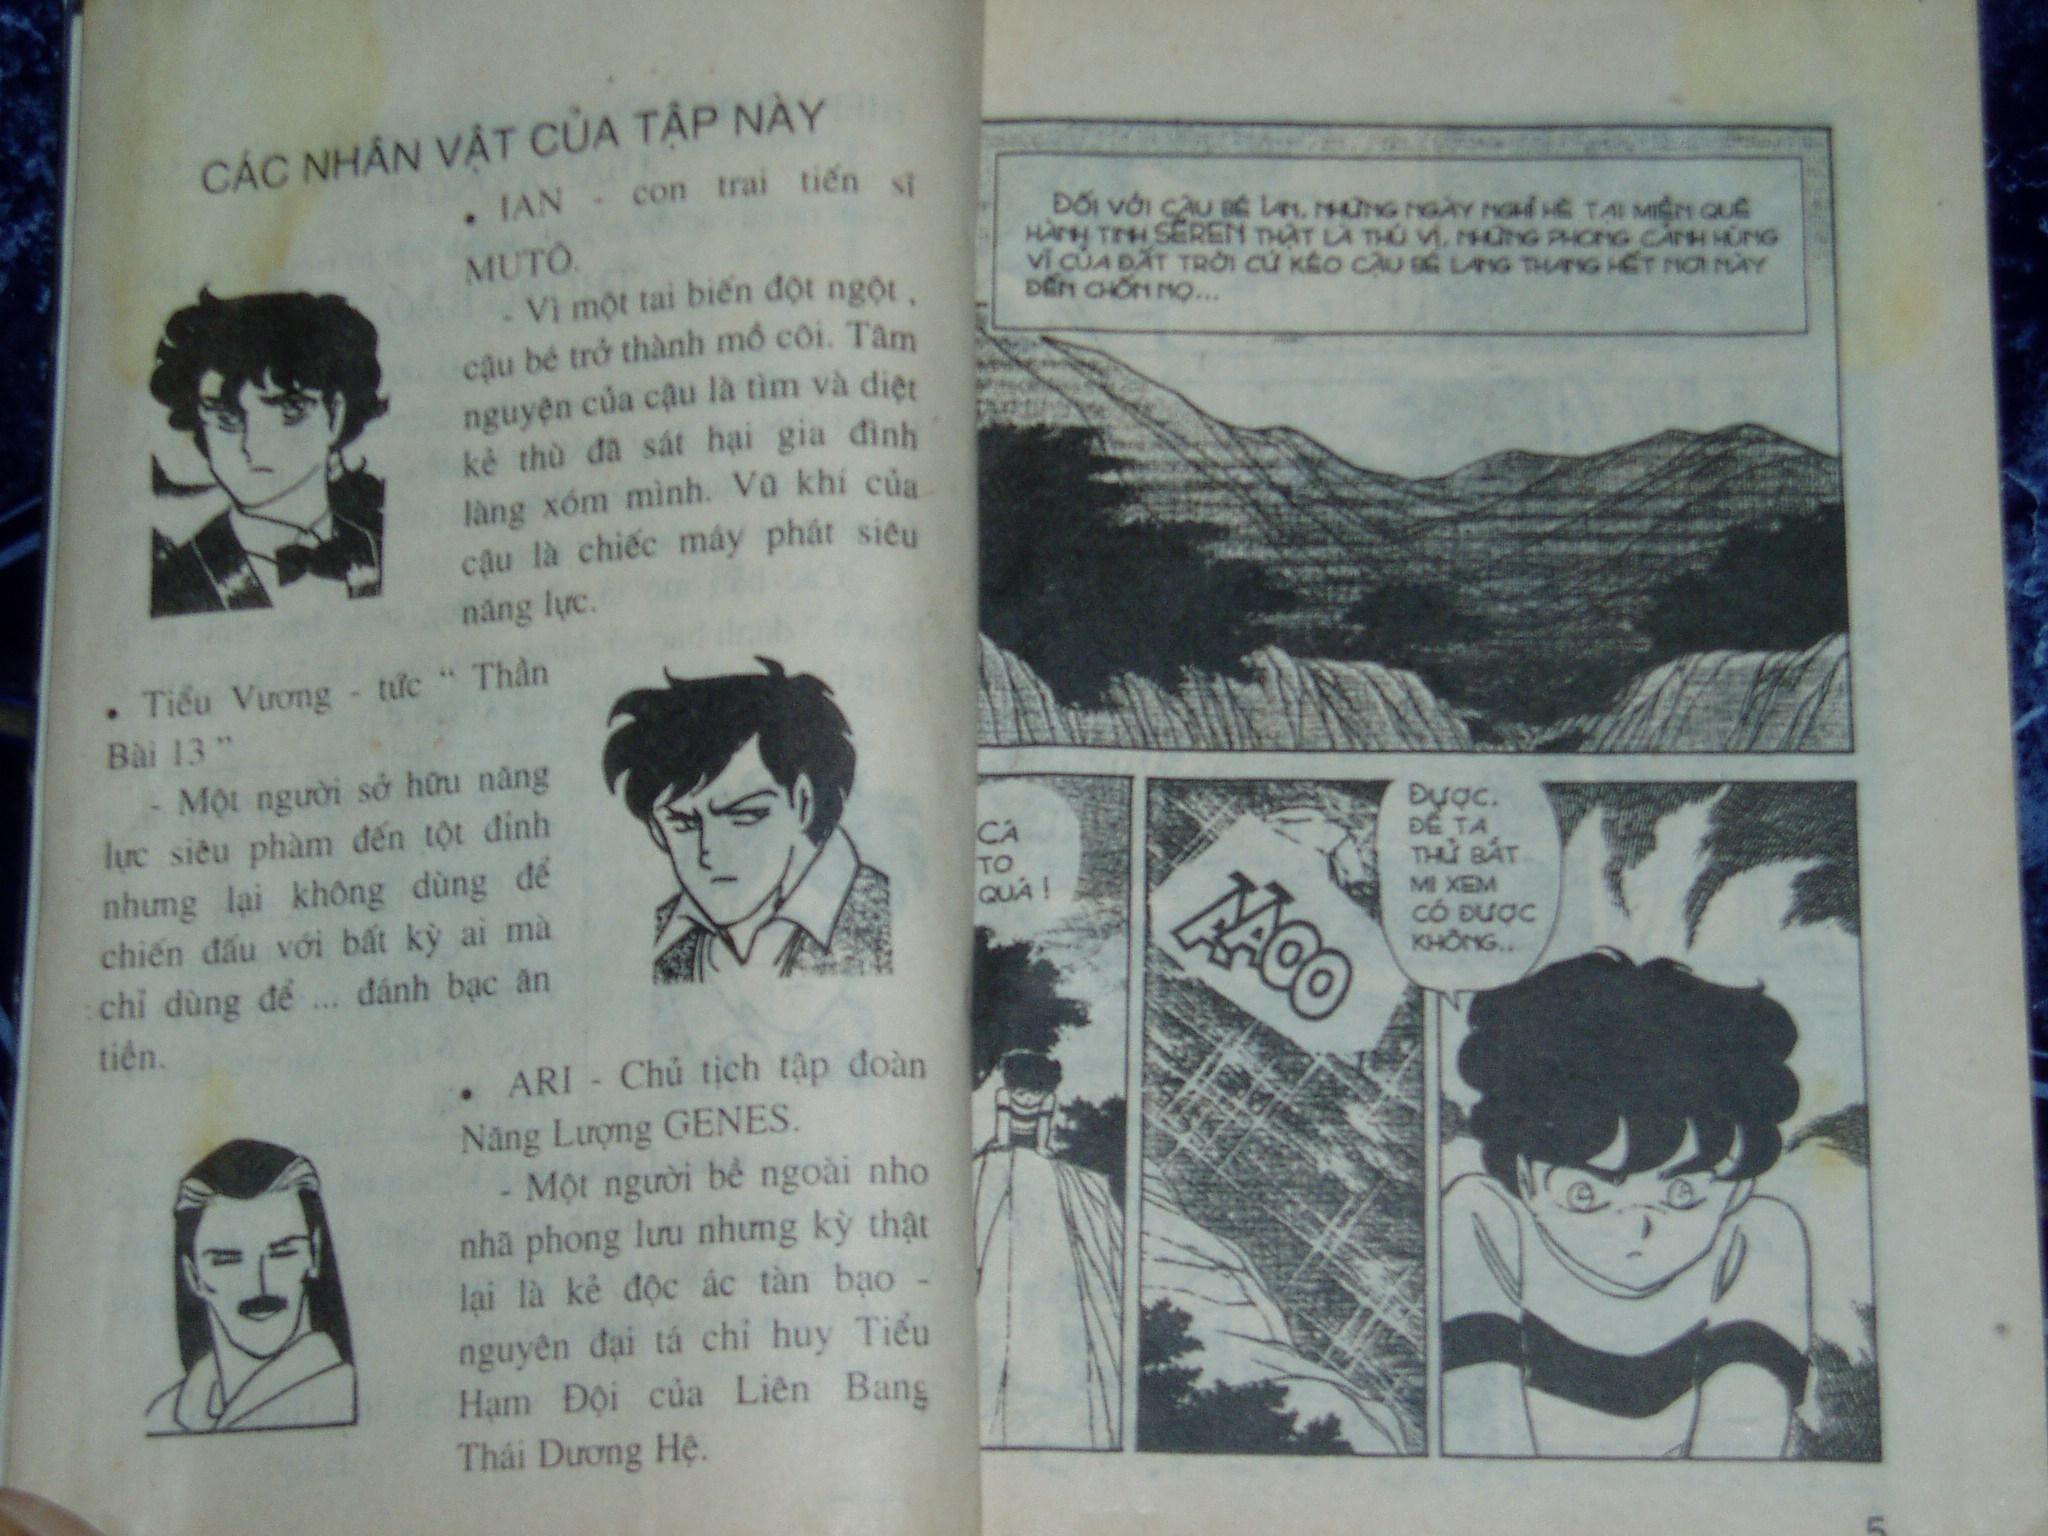 Siêu nhân Locke vol 14 trang 2